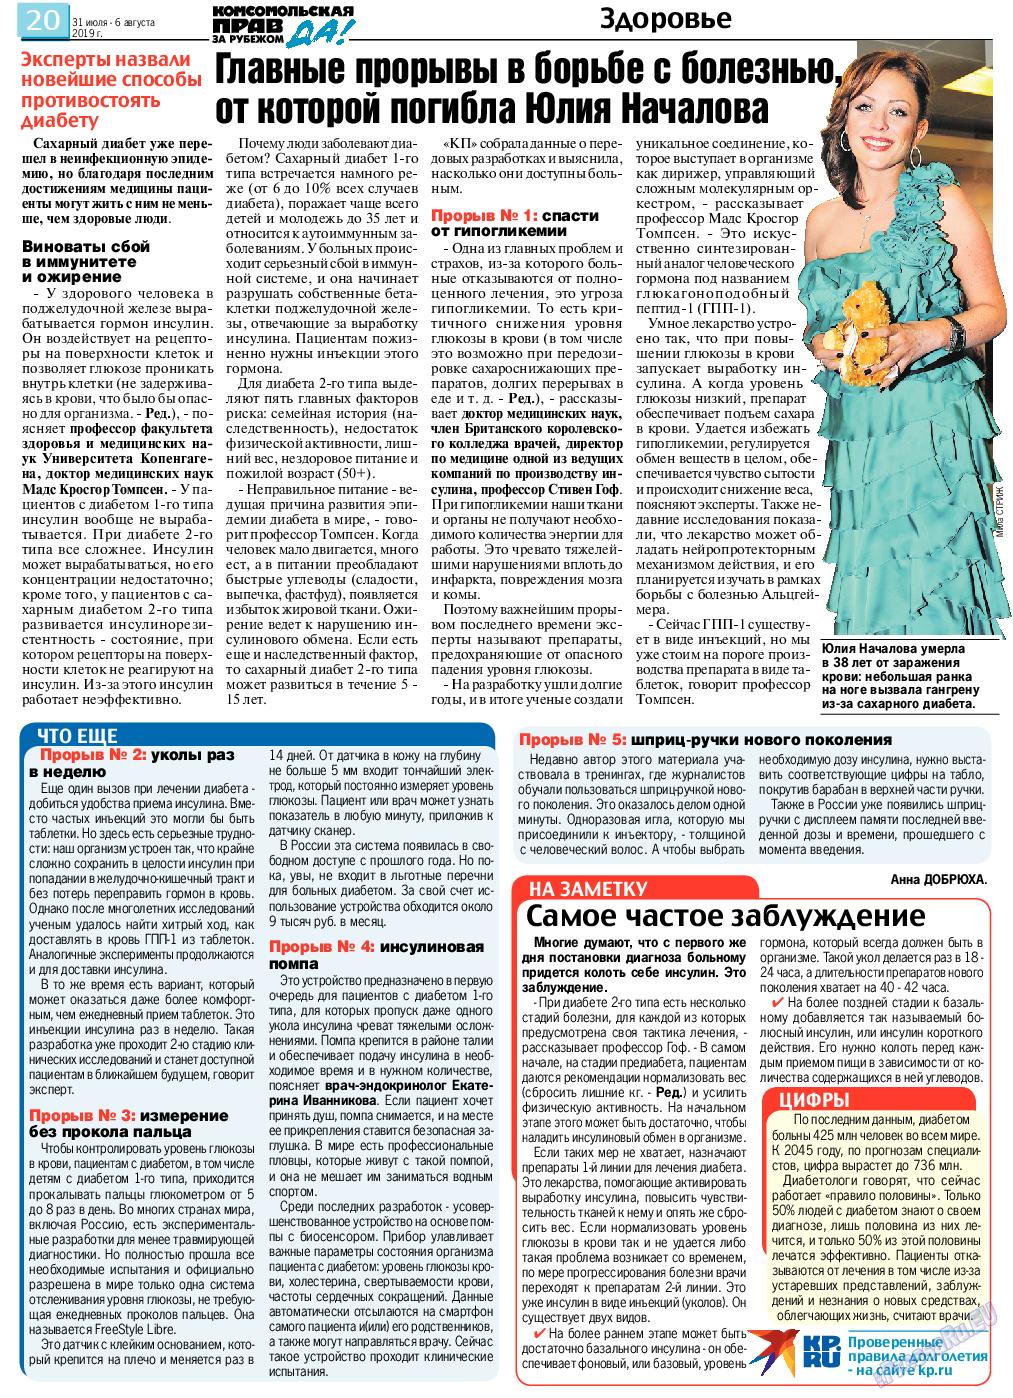 КП в Европе (газета). 2019 год, номер 31, стр. 20